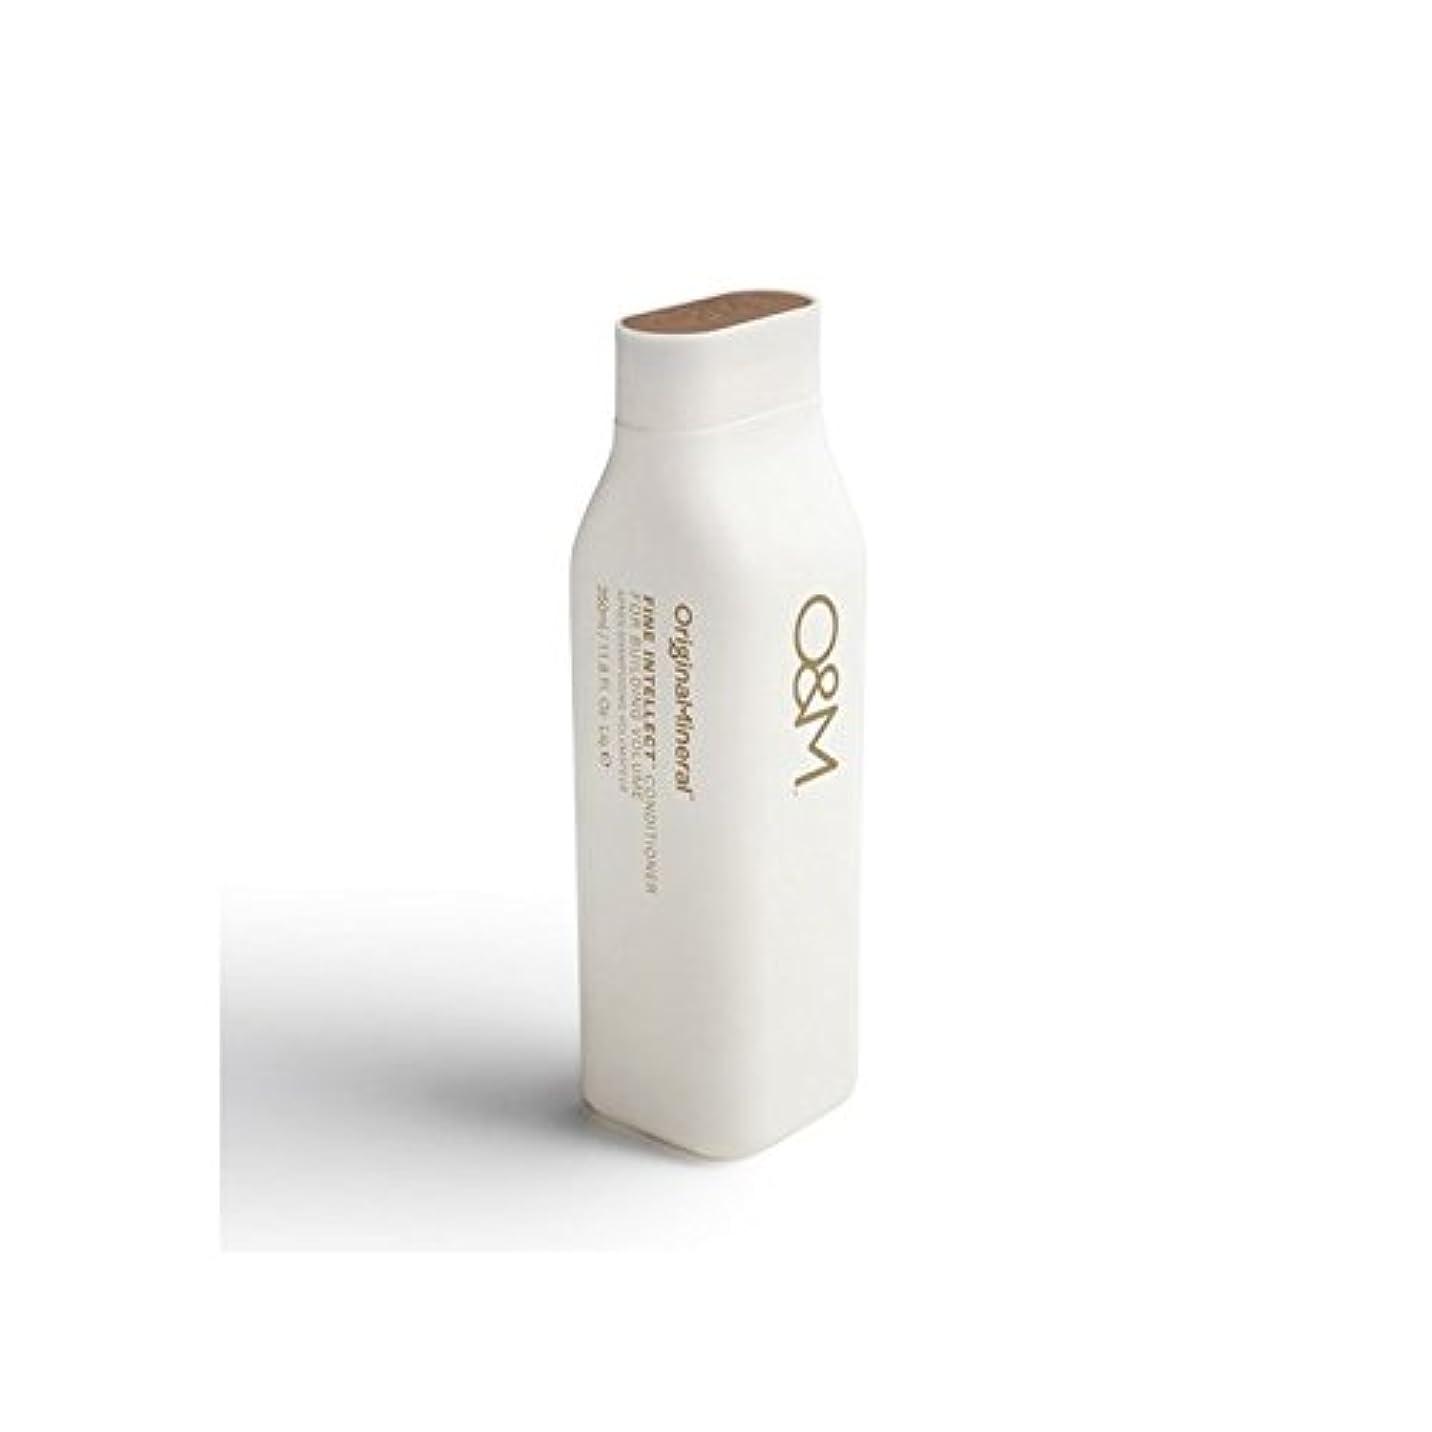 思いつくポップ統合するOriginal & Mineral Fine Intellect Conditioner (350ml) (Pack of 6) - オリジナル&ミネラル細かい知性コンディショナー(350ミリリットル) x6 [並行輸入品]